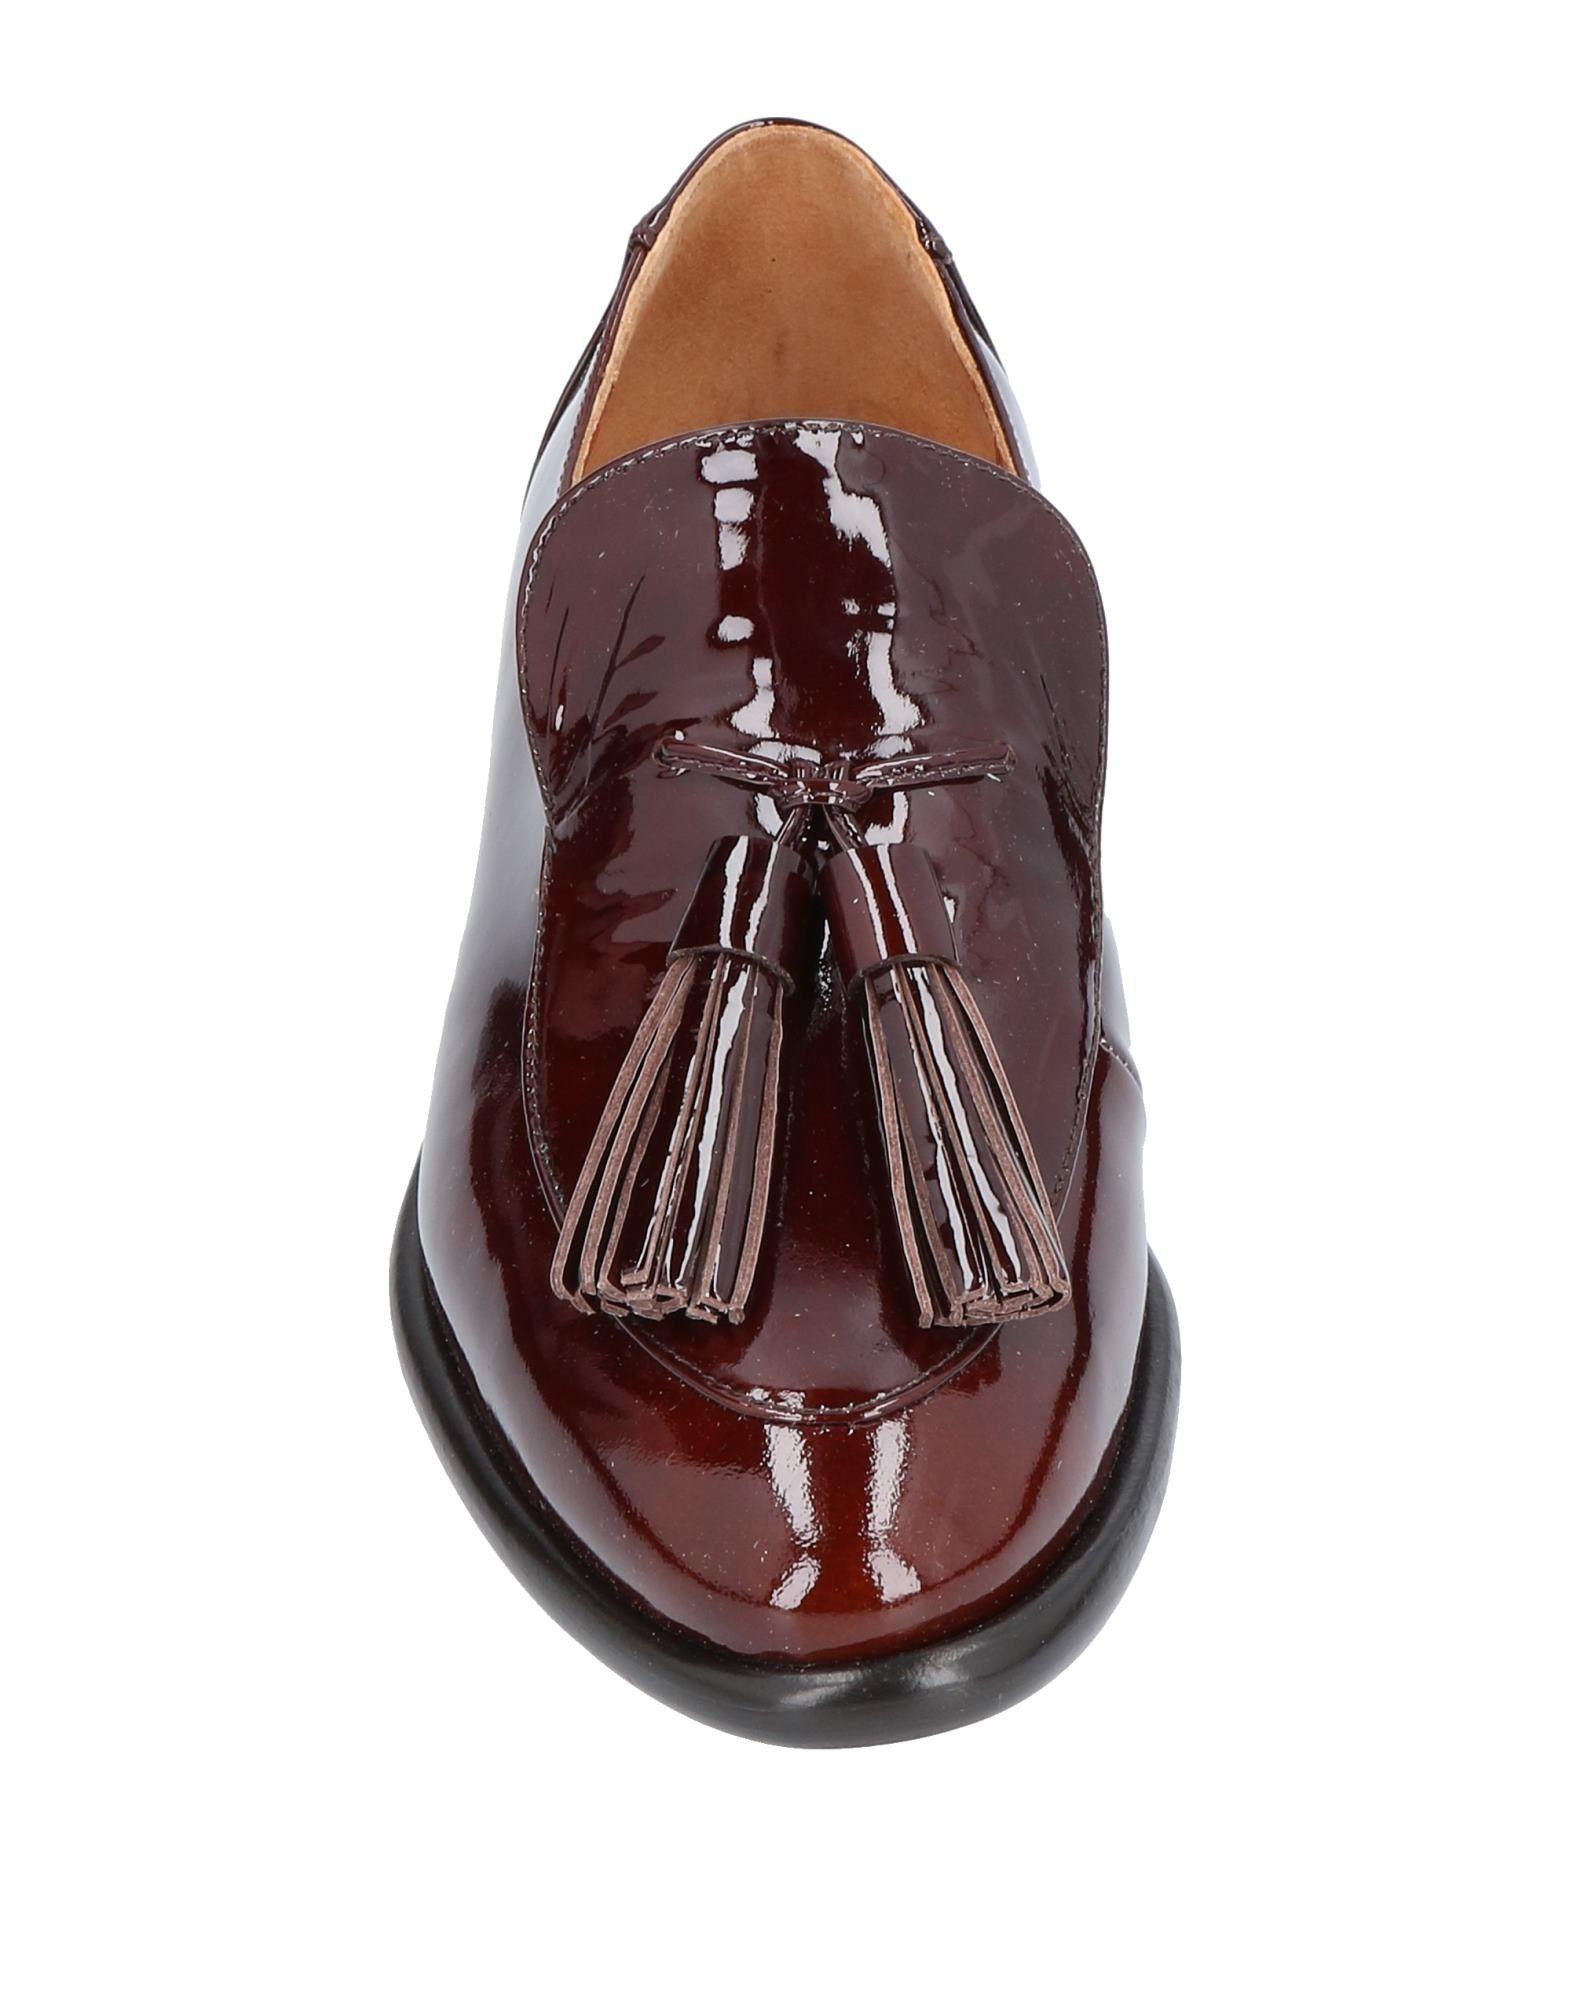 Gut um Mokassins billige Schuhe zu tragenPaloma Barceló Mokassins um Damen  11501166TS edf0e1